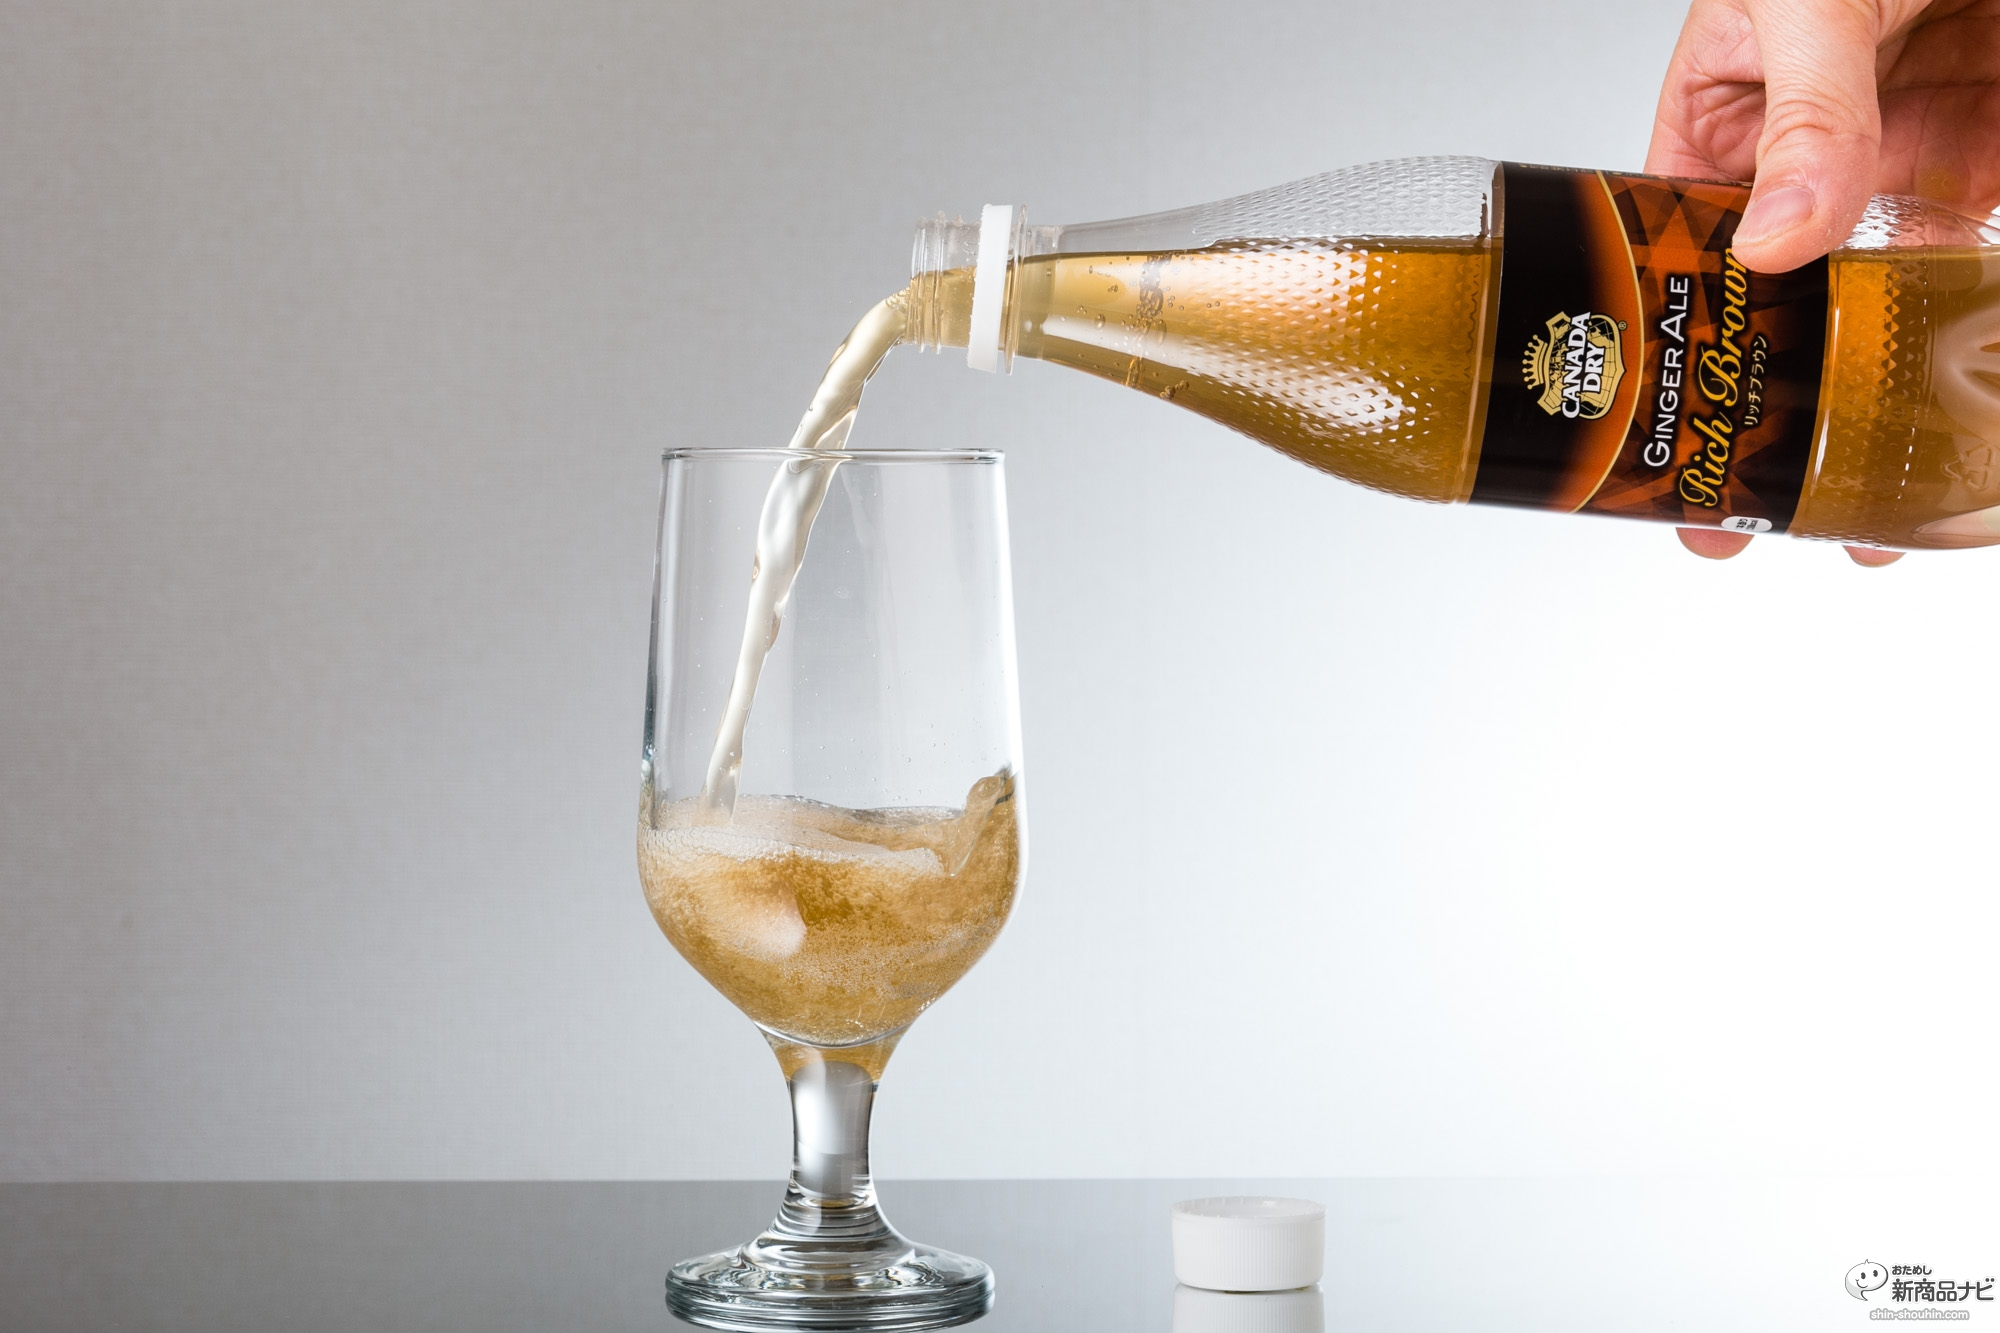 そんな流れの中で、近年流通するようになったアサヒ飲料によるウィルキンソン・ブランドのジンジャーエール(ジンジャエール)に手を出して、目の玉が飛び出すくらいの